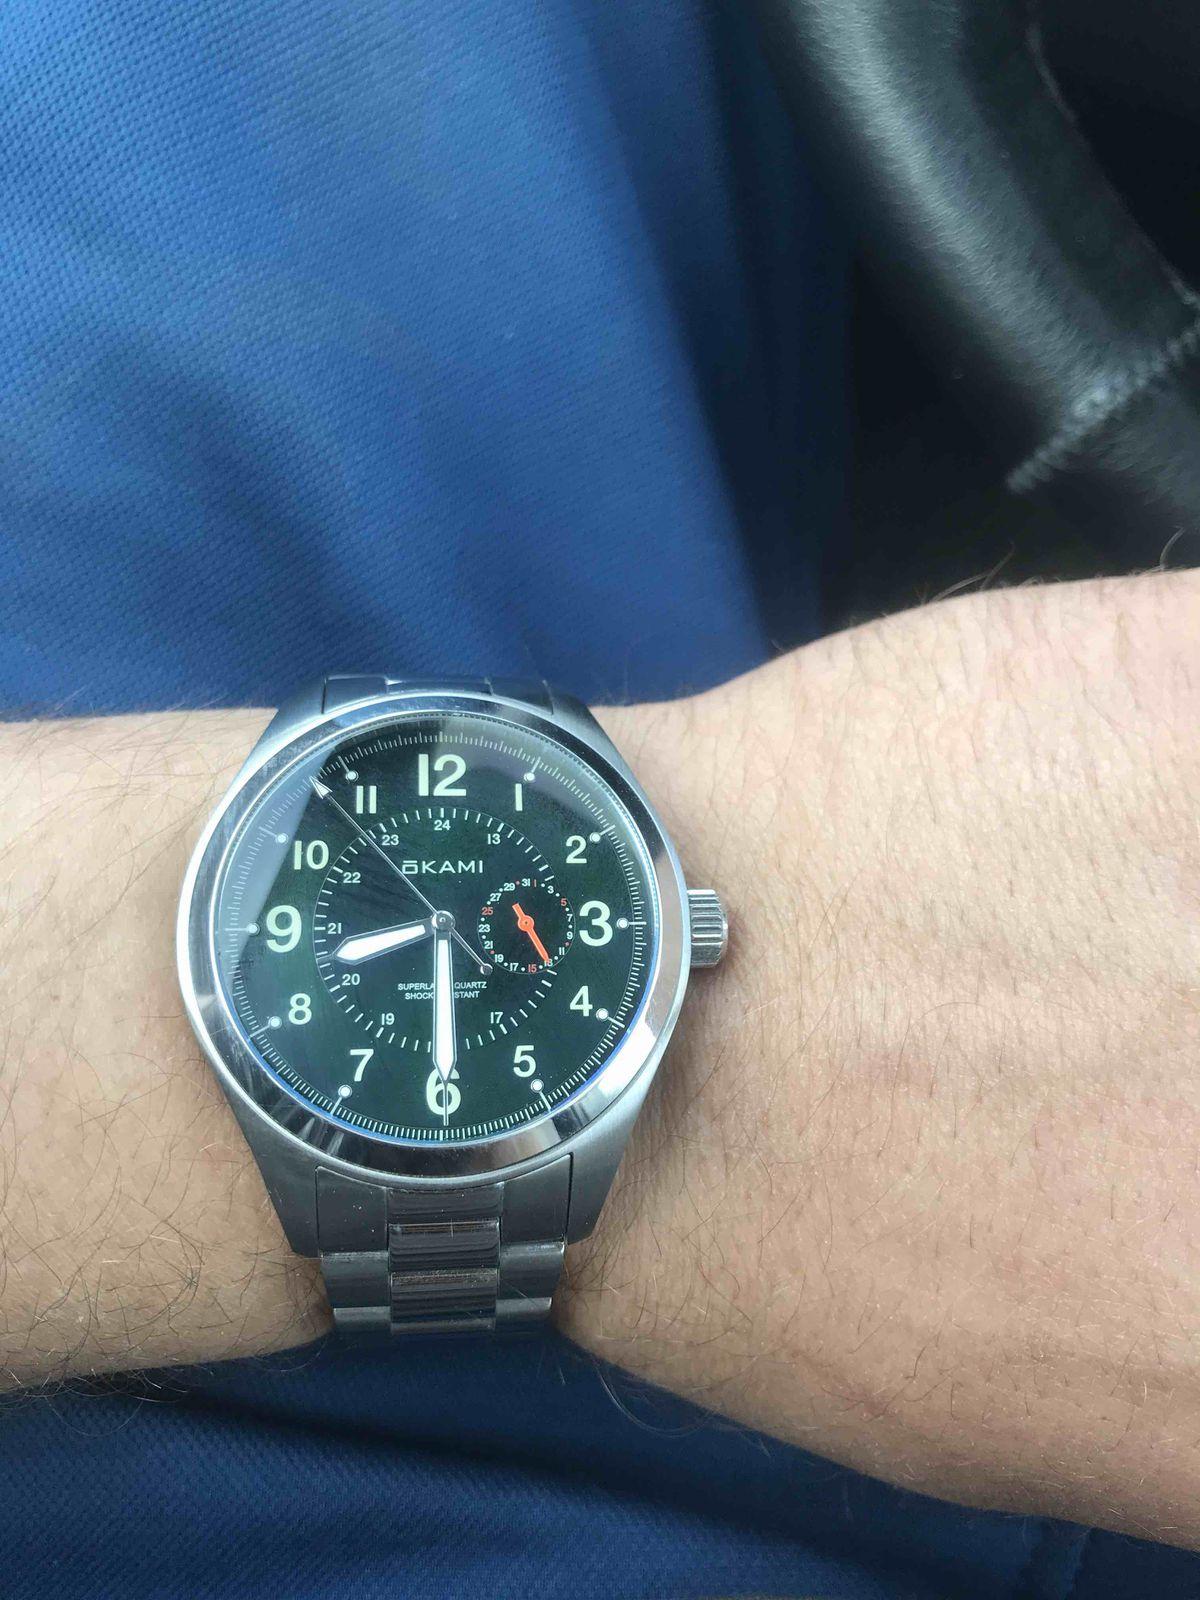 Часы отличные, респект